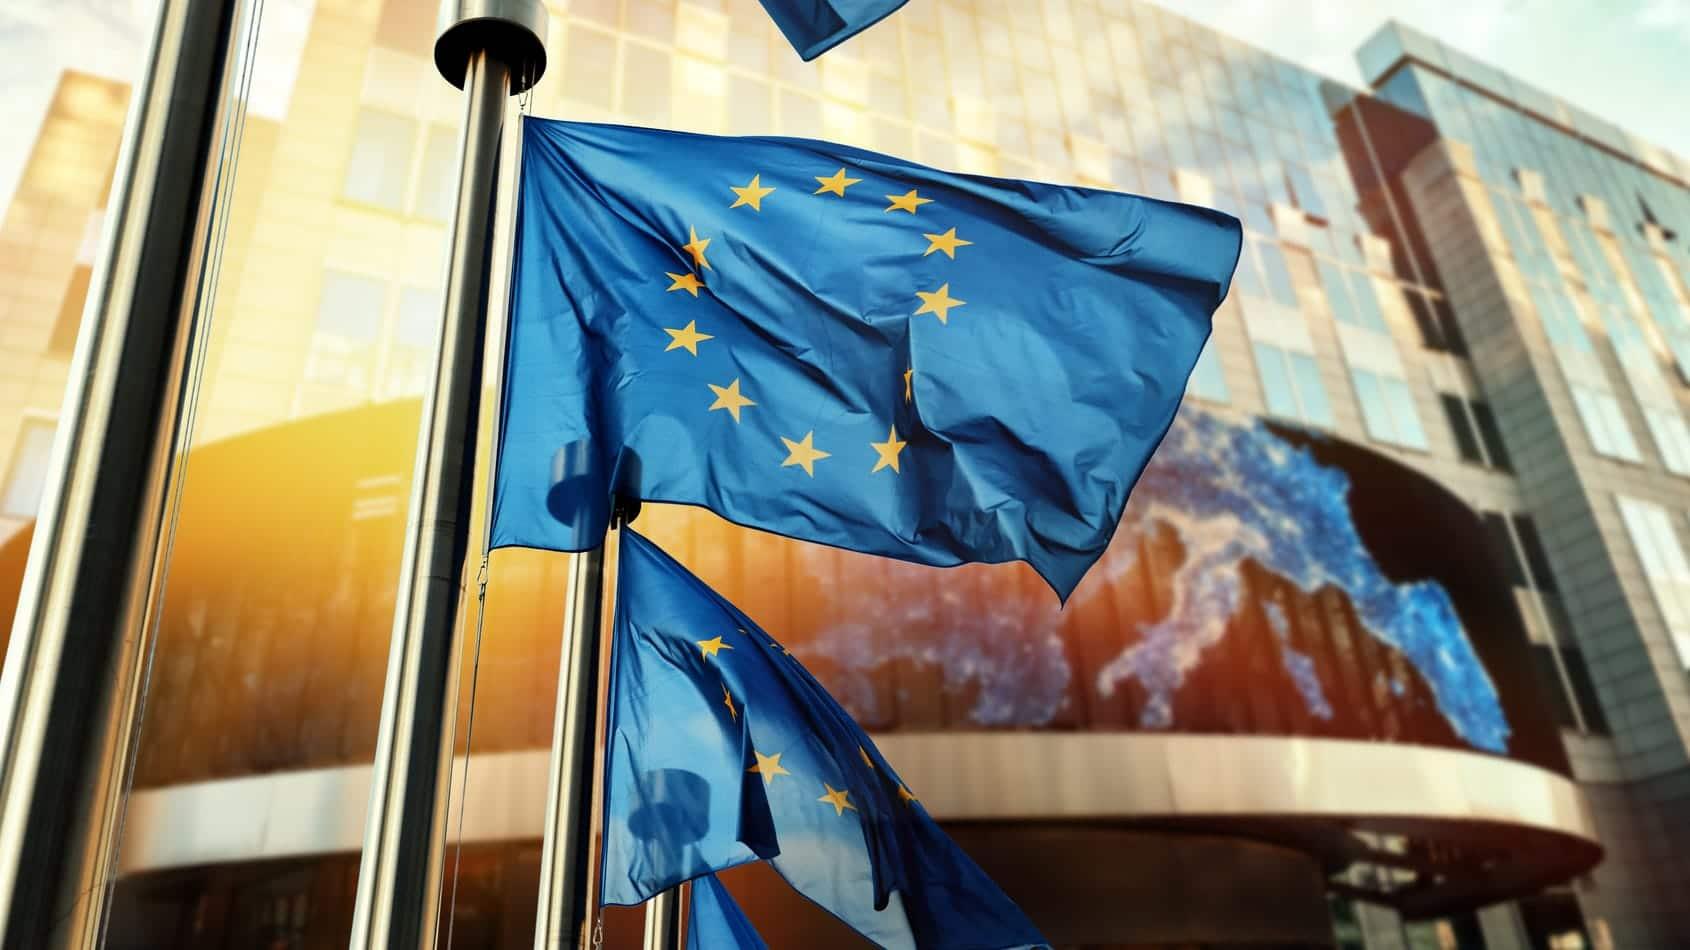 EU-Fahnen wehen vor einem Gebäude in Brüssel